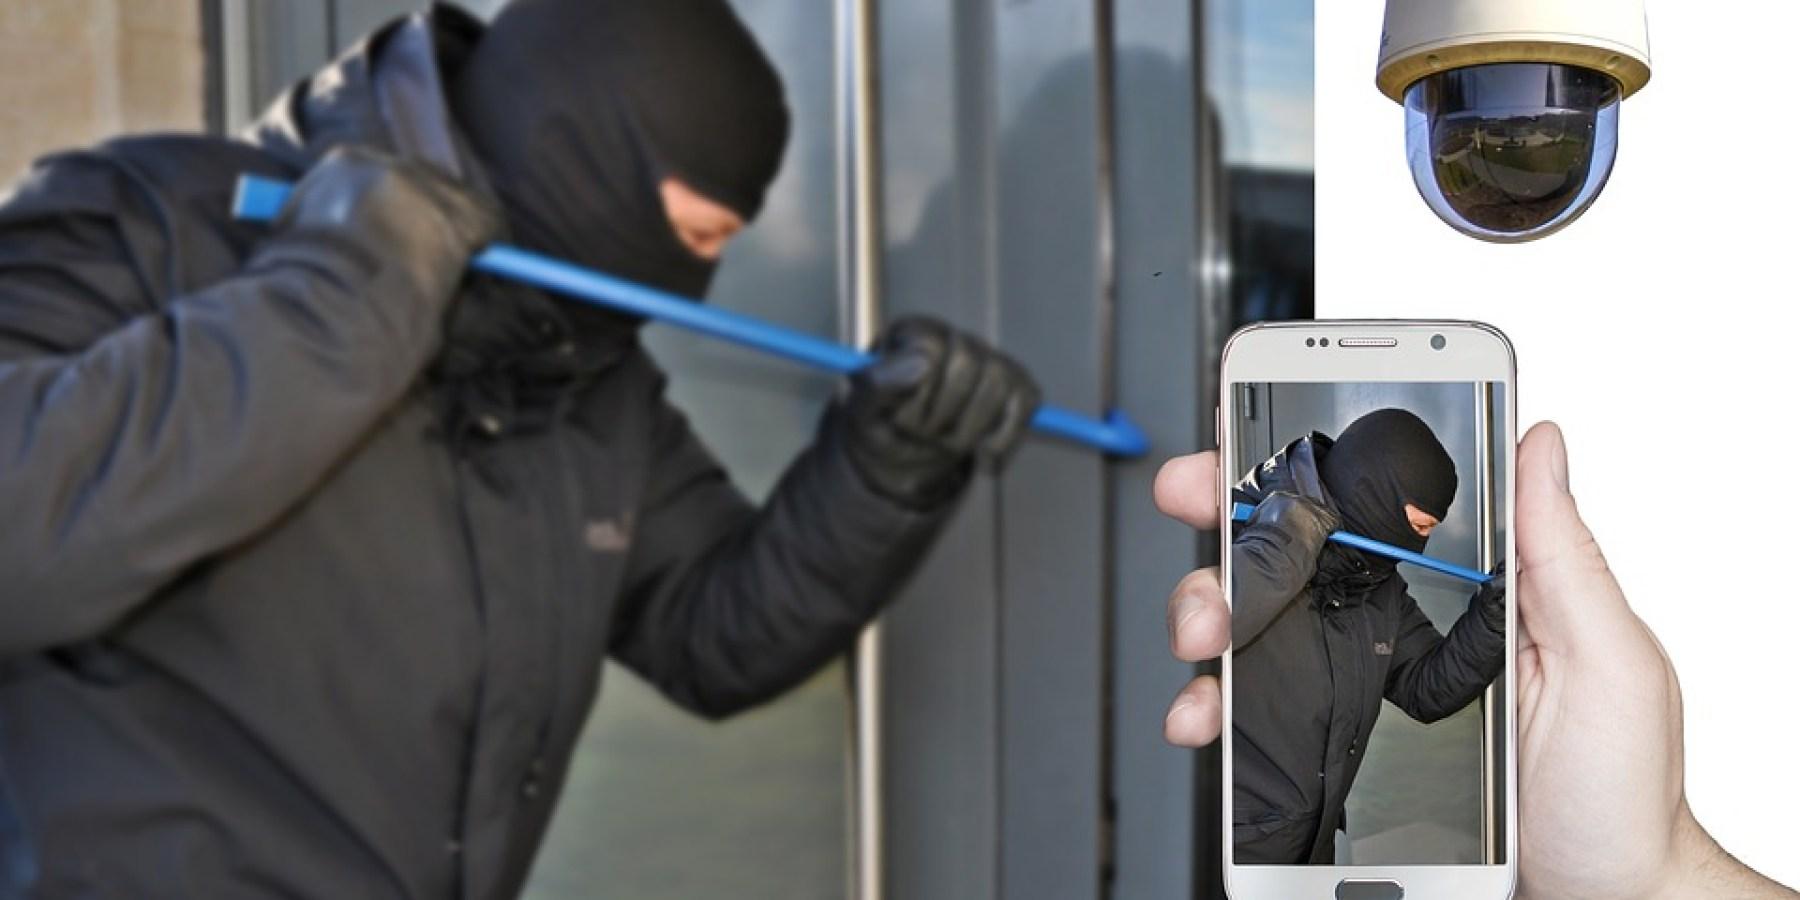 Tür nur ins Schloss gezogen – Einbrecher nutzen Gelegenheit